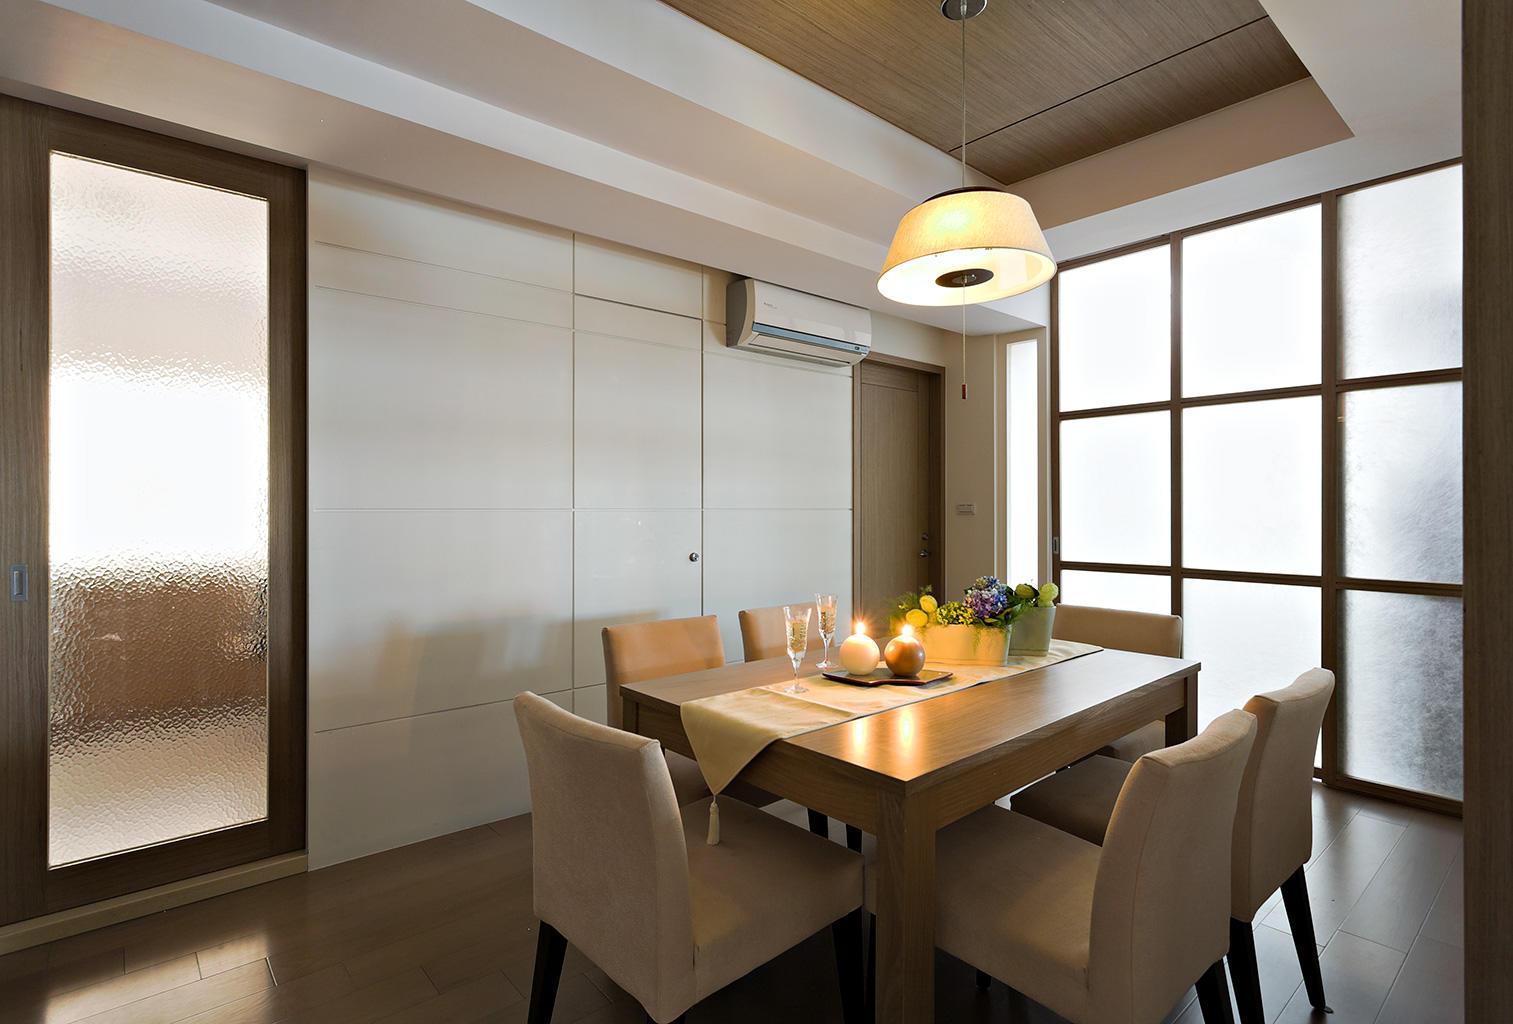 实木简约风格餐厅玻璃移门隔断设计